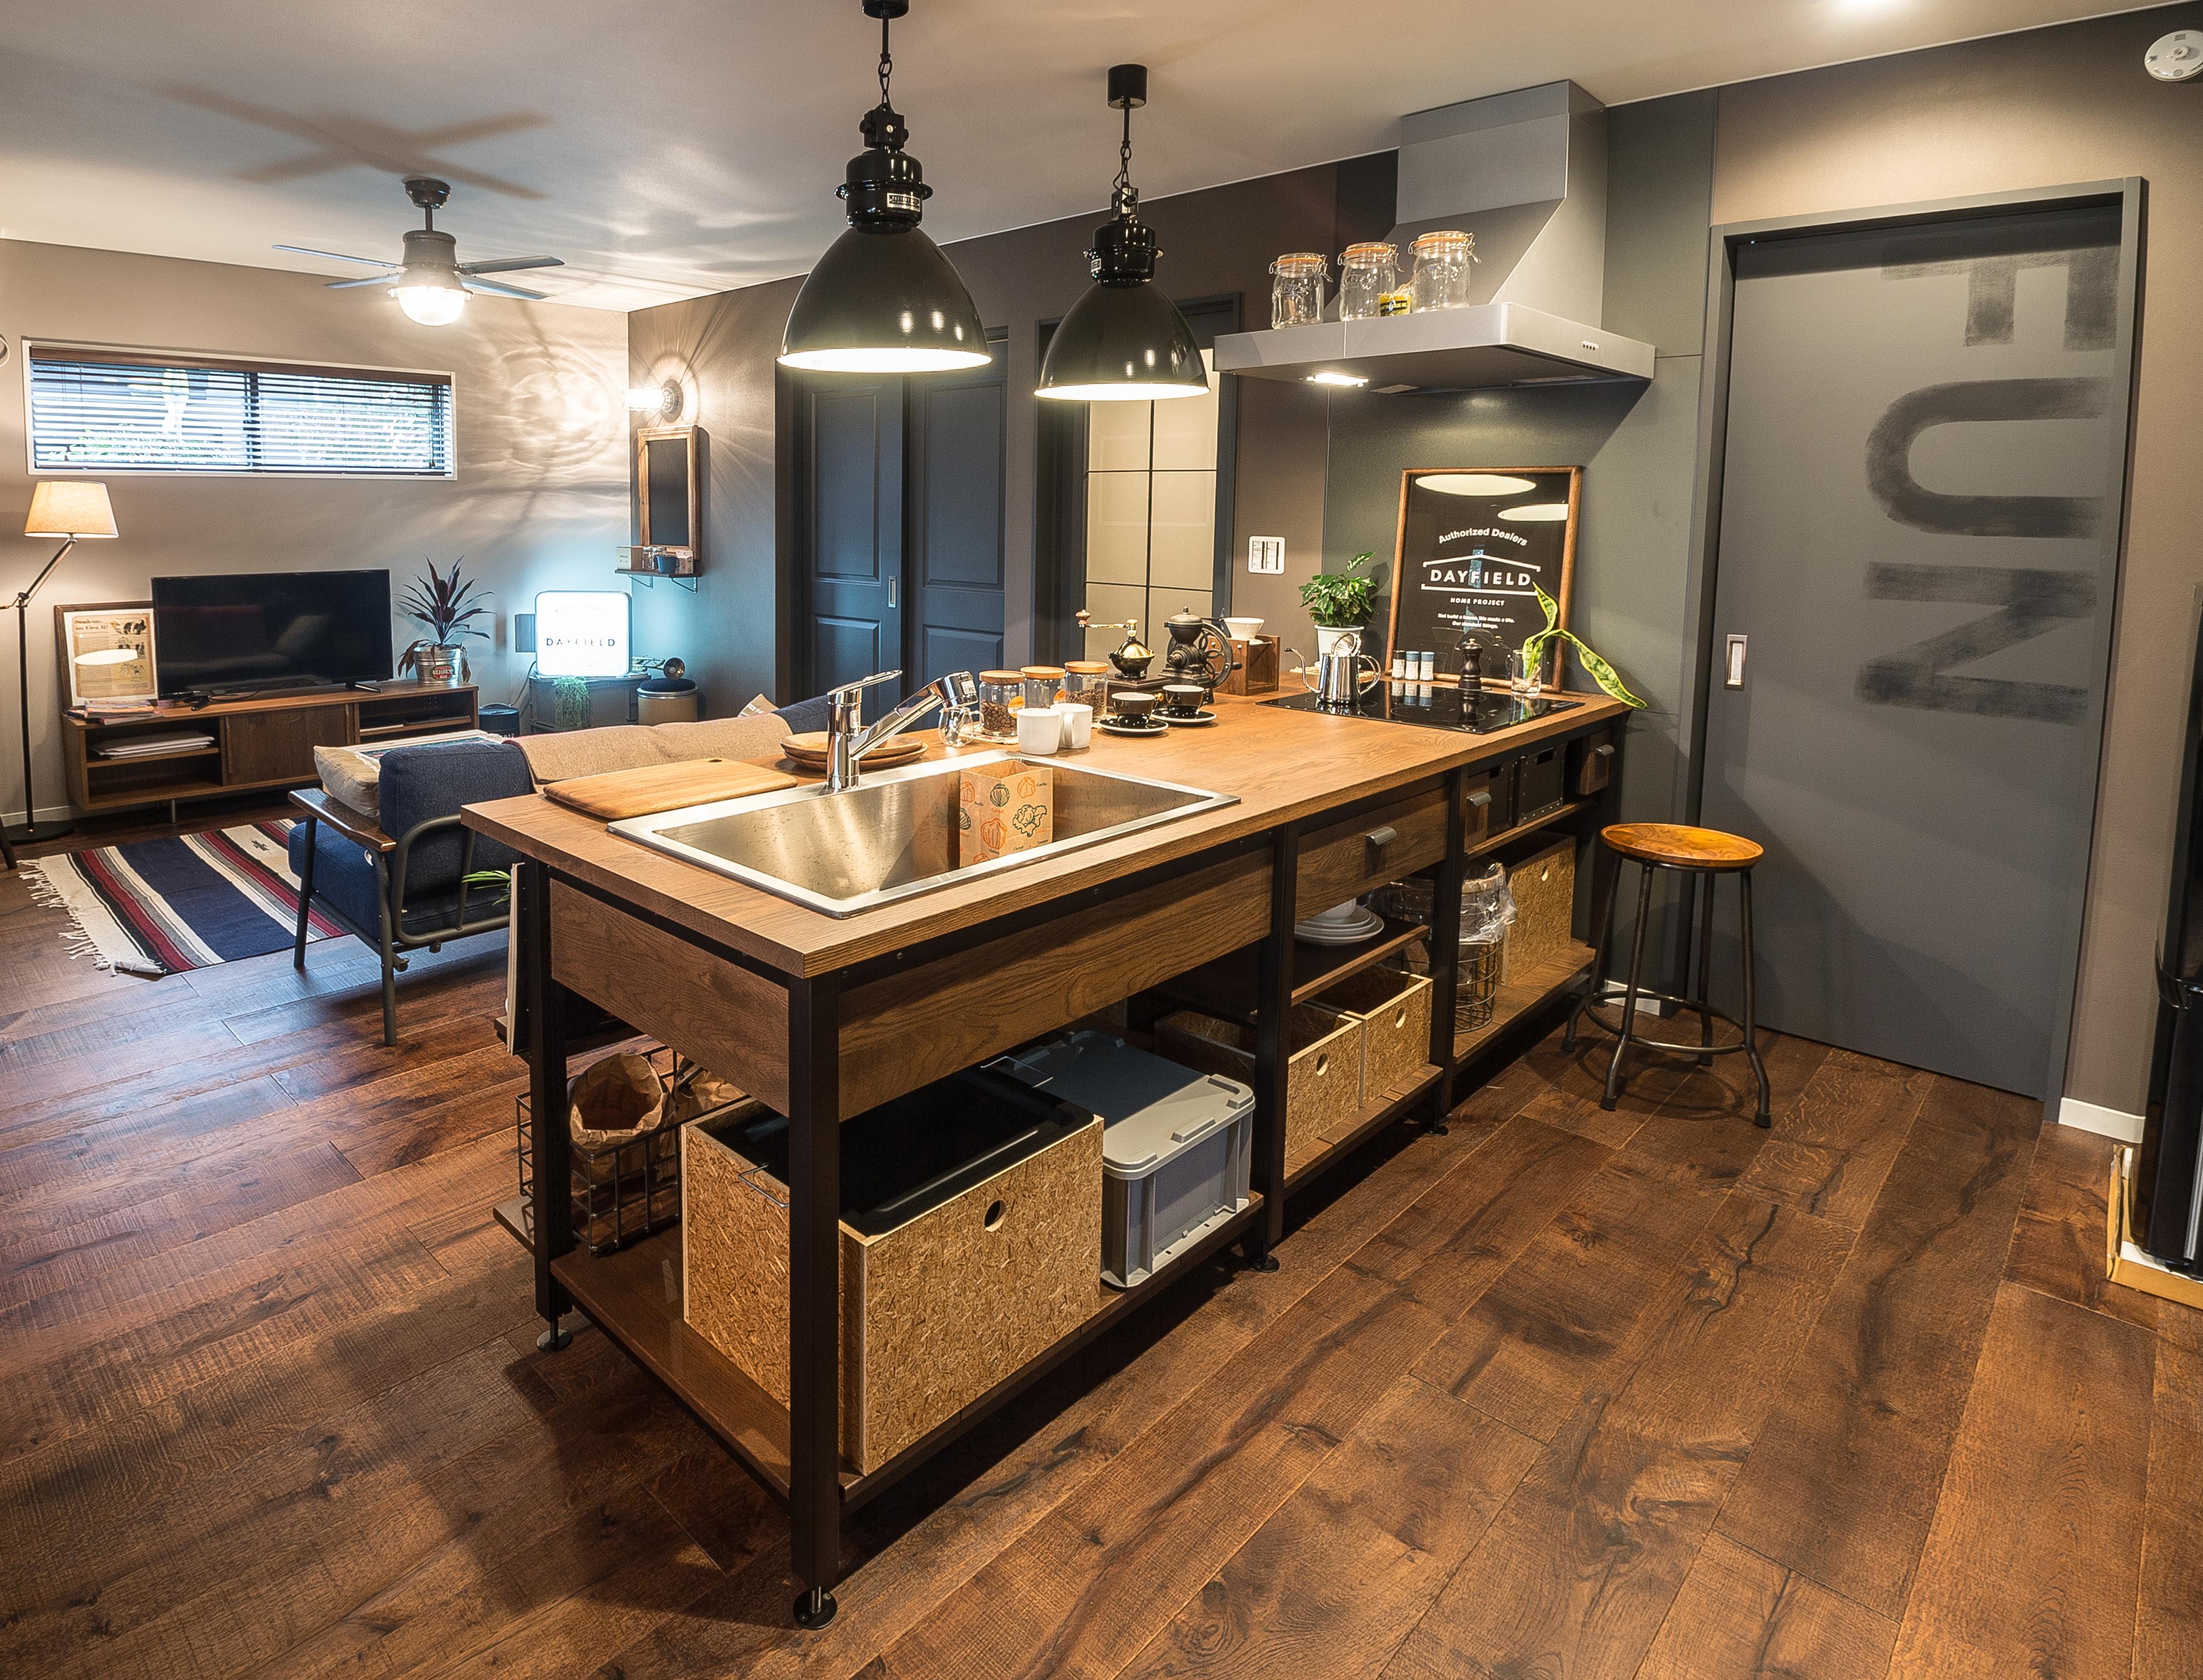 DAYFIELD/大和建設【1000万円台、間取り、インテリア】アイアンとオーク無垢材のお洒落なキッチン。 素材からデザインまでこだわって作り上げたオープンタイプの飾れるキッチンは自分のスタイルを表現できる。